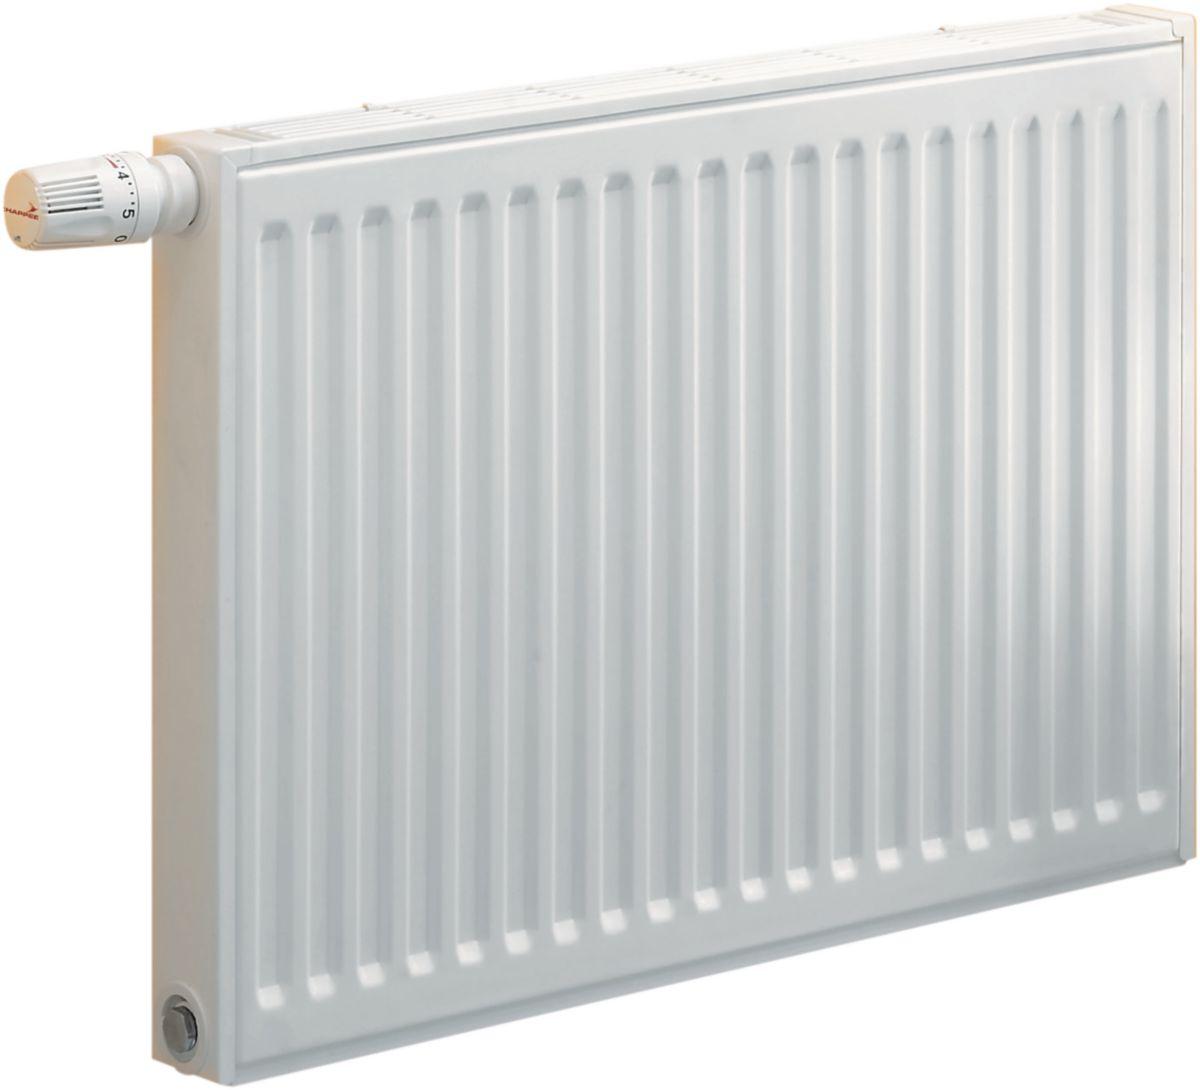 Radiateur panneau SAMBA gamme horizontale 4 orifices type 11 habillé acier hauteur 900 mm longueur 700 mm 21 éléments 882 watts réf. CC135H9